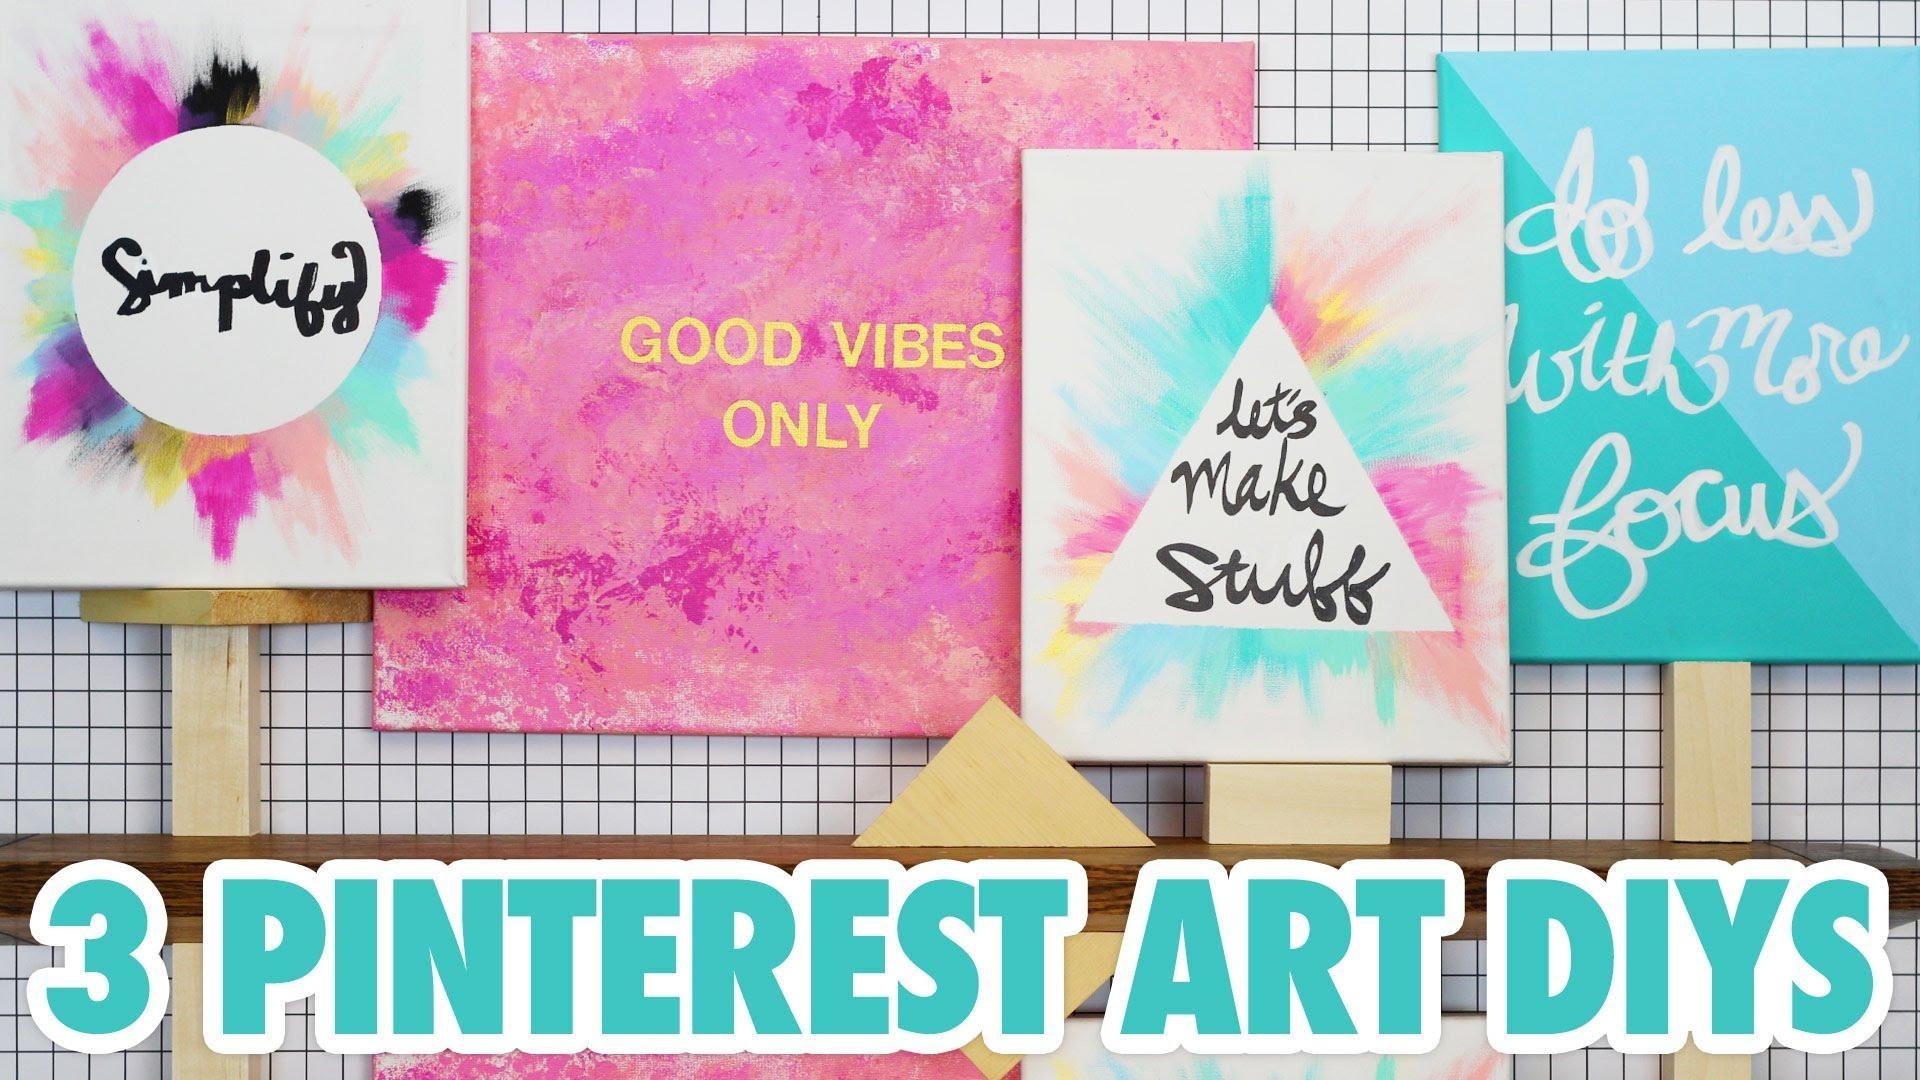 3 Pinterest Art Diys – Hgtv Handmade – Youtube In Diy Pinterest Canvas Art (Image 2 of 20)